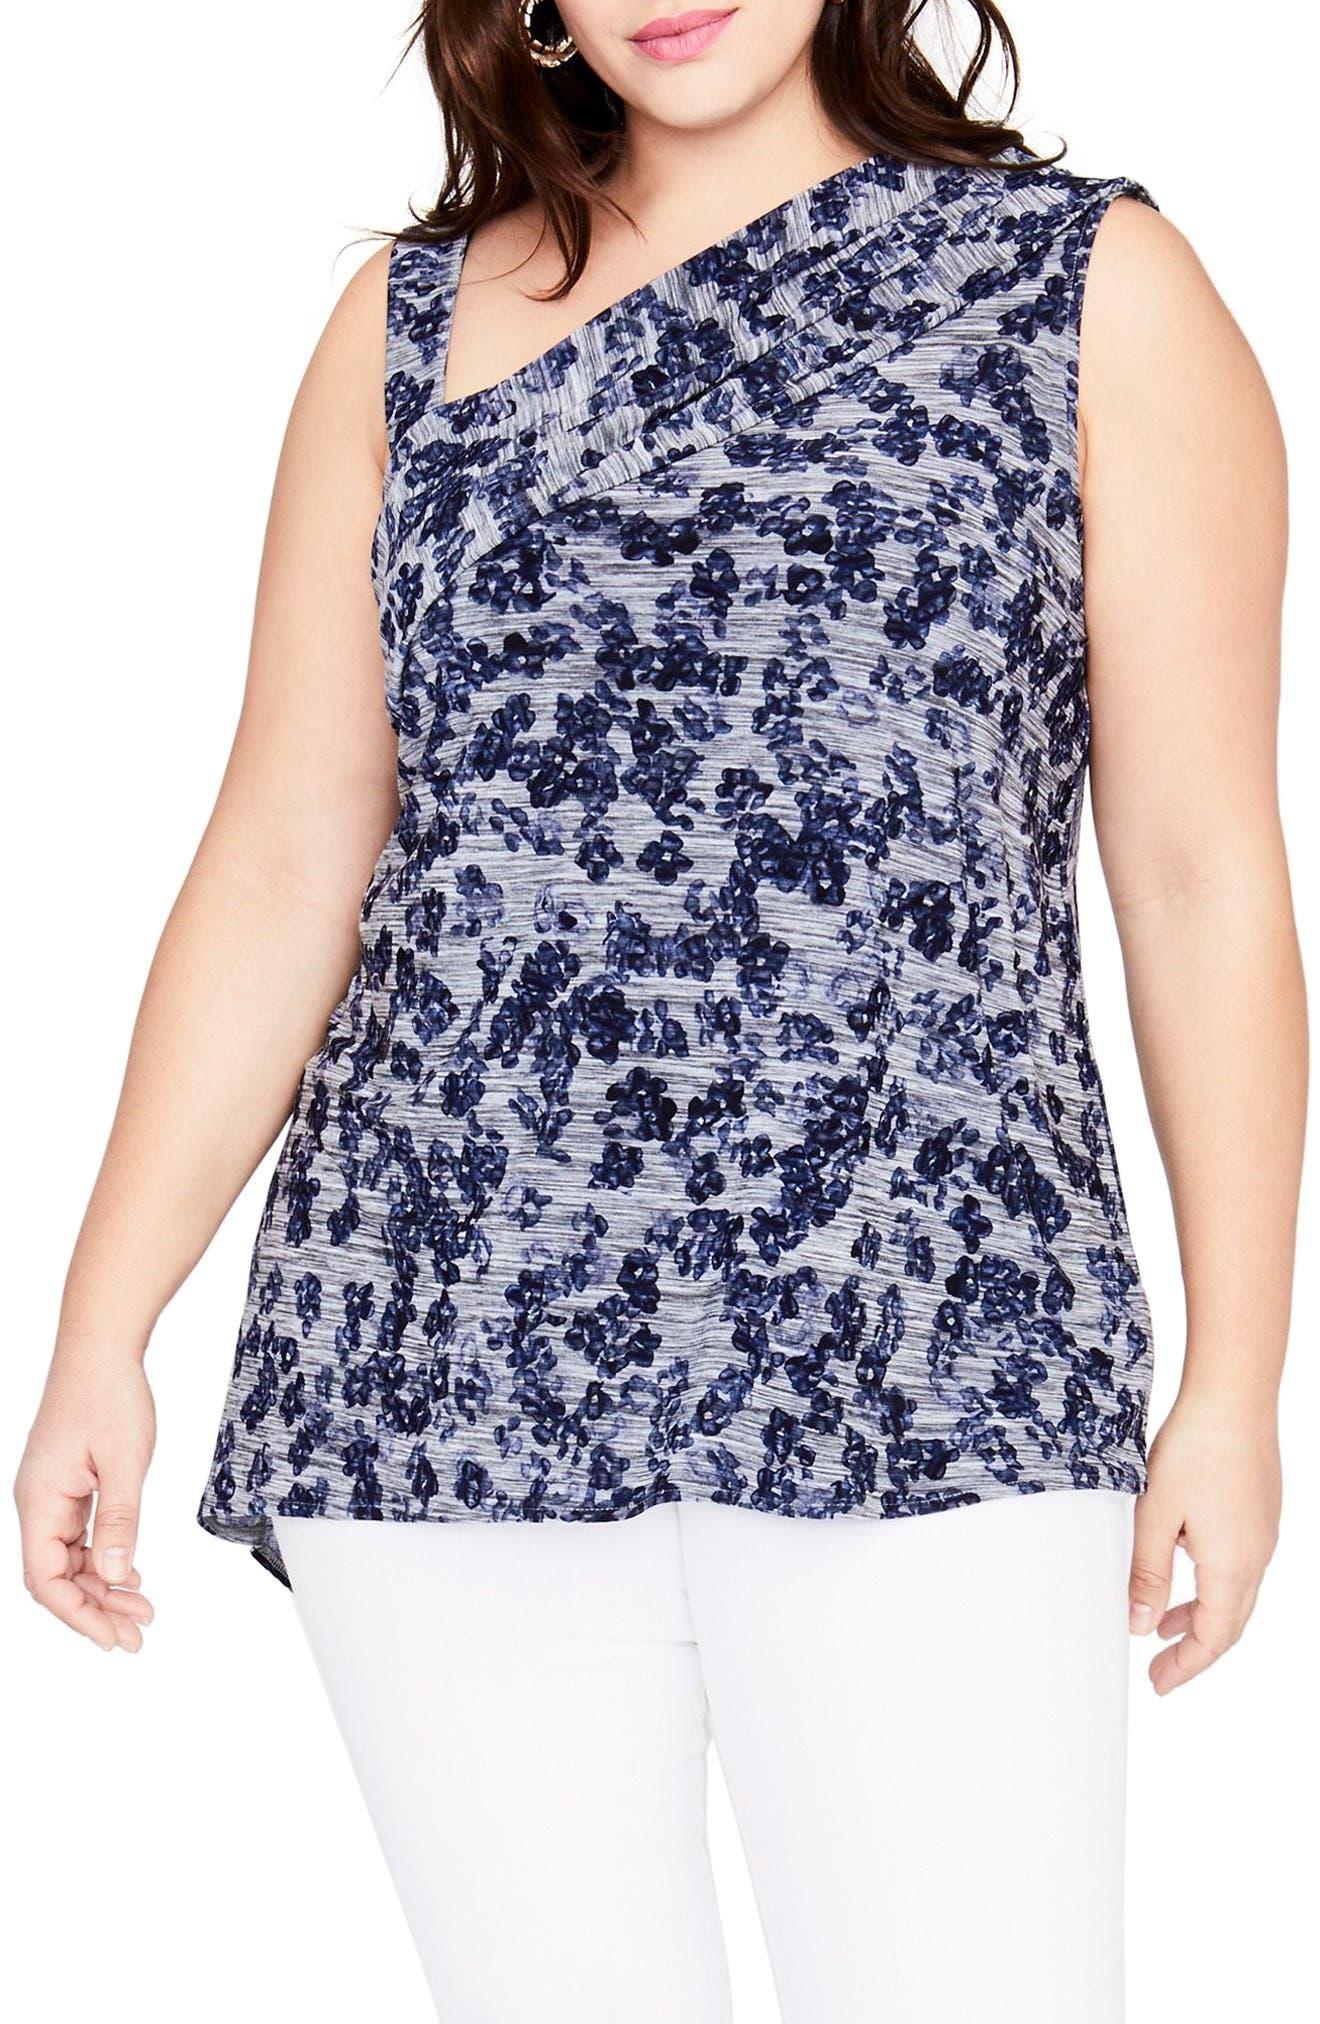 RACHEL Rachel Roy One-Shoulder Floral Top (Plus Size)